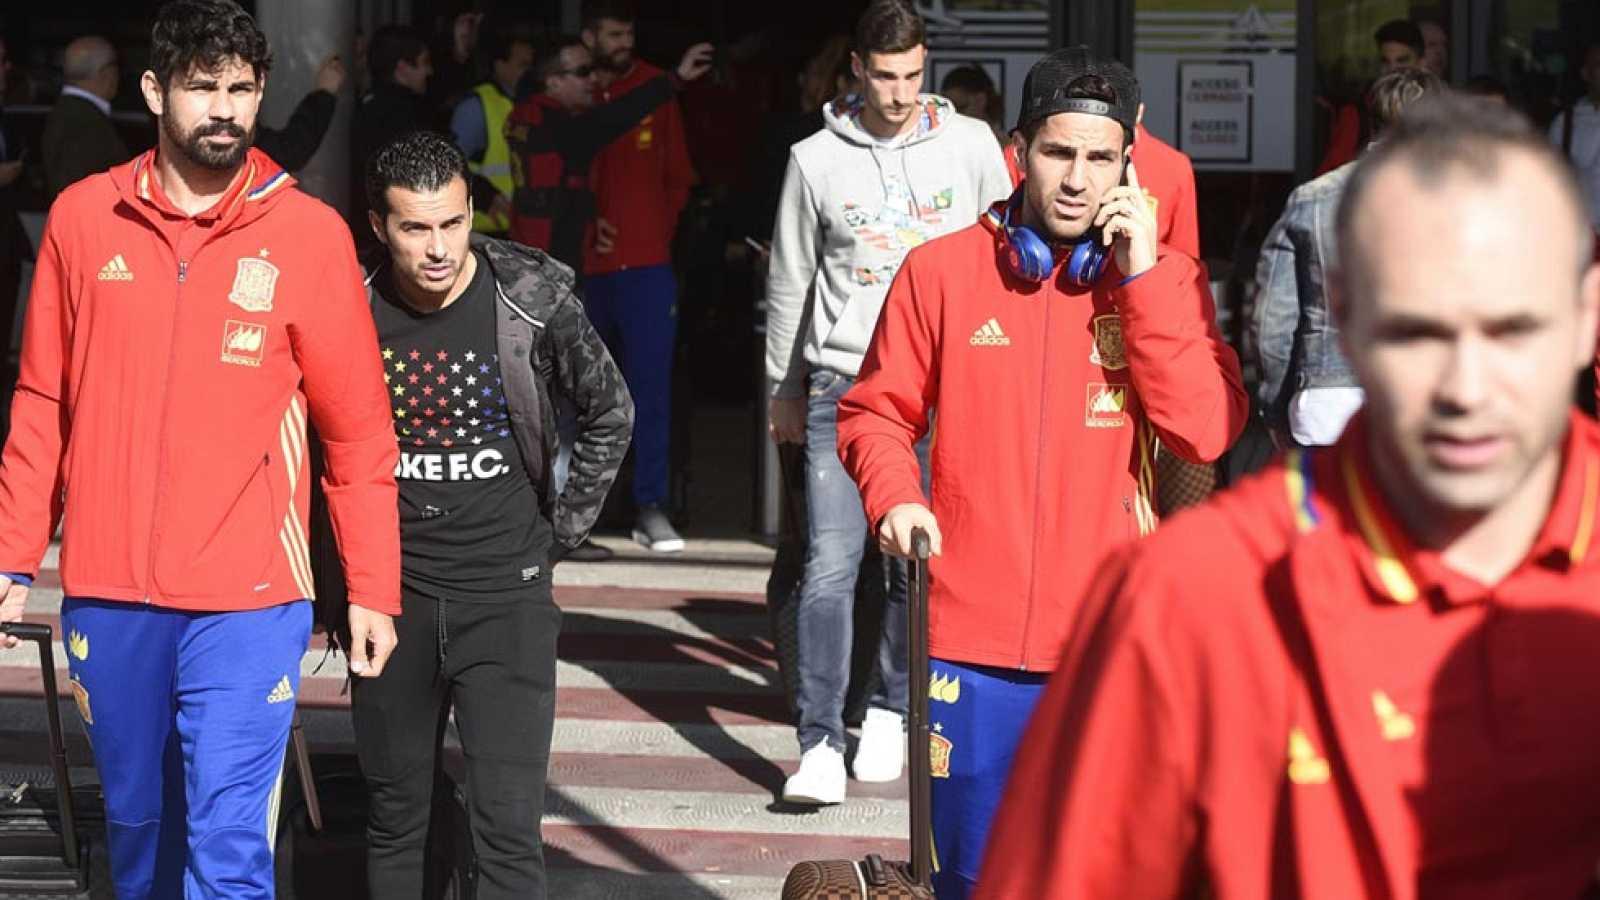 La Selección Española llega a Madrid